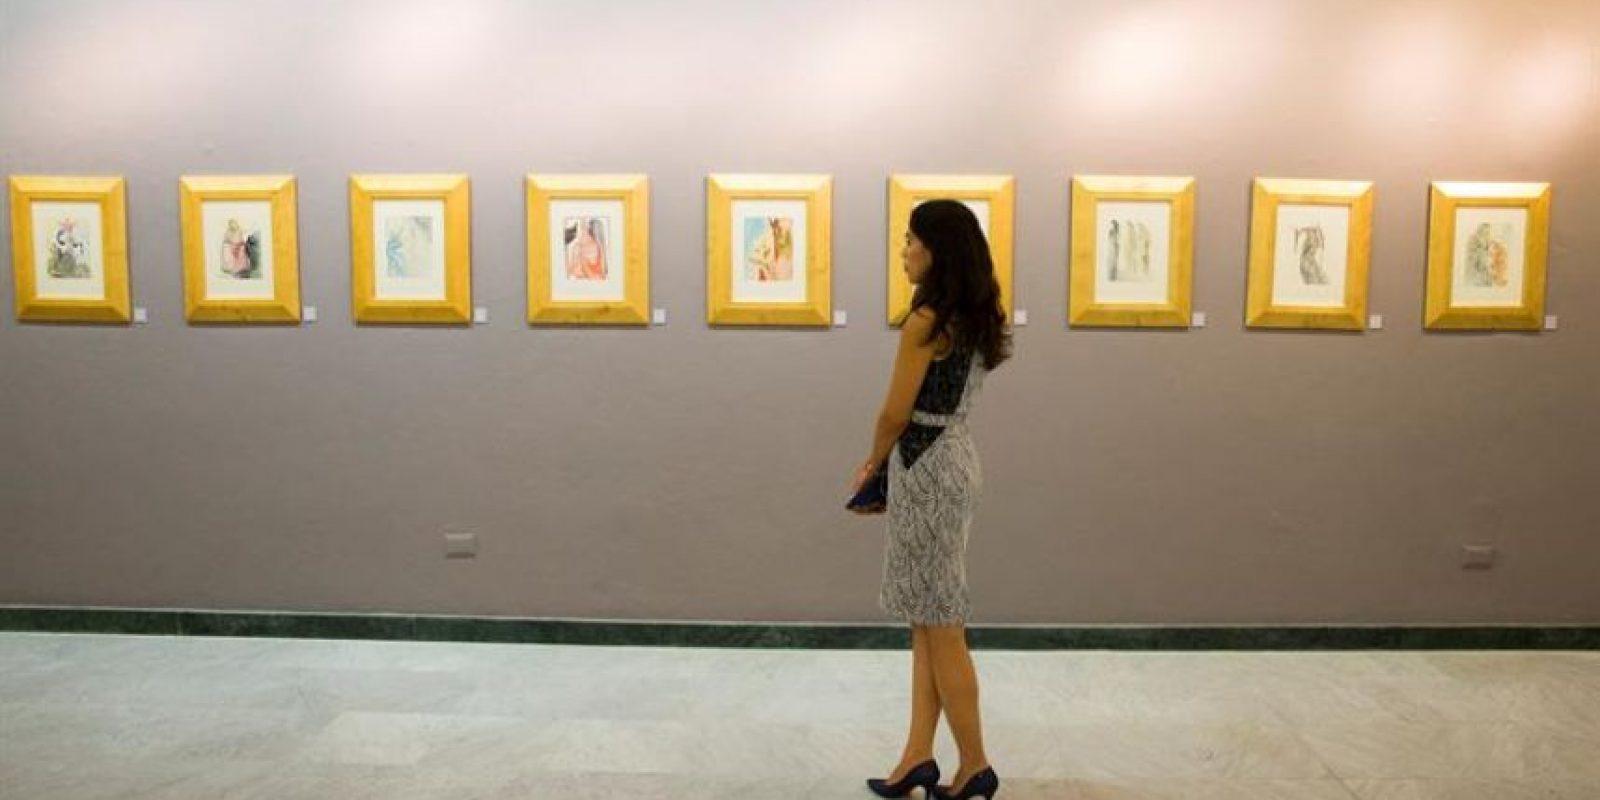 """La exposición """"Dalí Ilustrando Genios"""", donde se exhiben grabados del destacado artista español Salvador Dalí, que representan escenas de """"La Divina Comedia"""", de Dante Alighieri y """"La Vida es Sueño"""", de Pedro Calderón de la Barca en Santo Domingo Foto:EFE/Orlando Barría"""